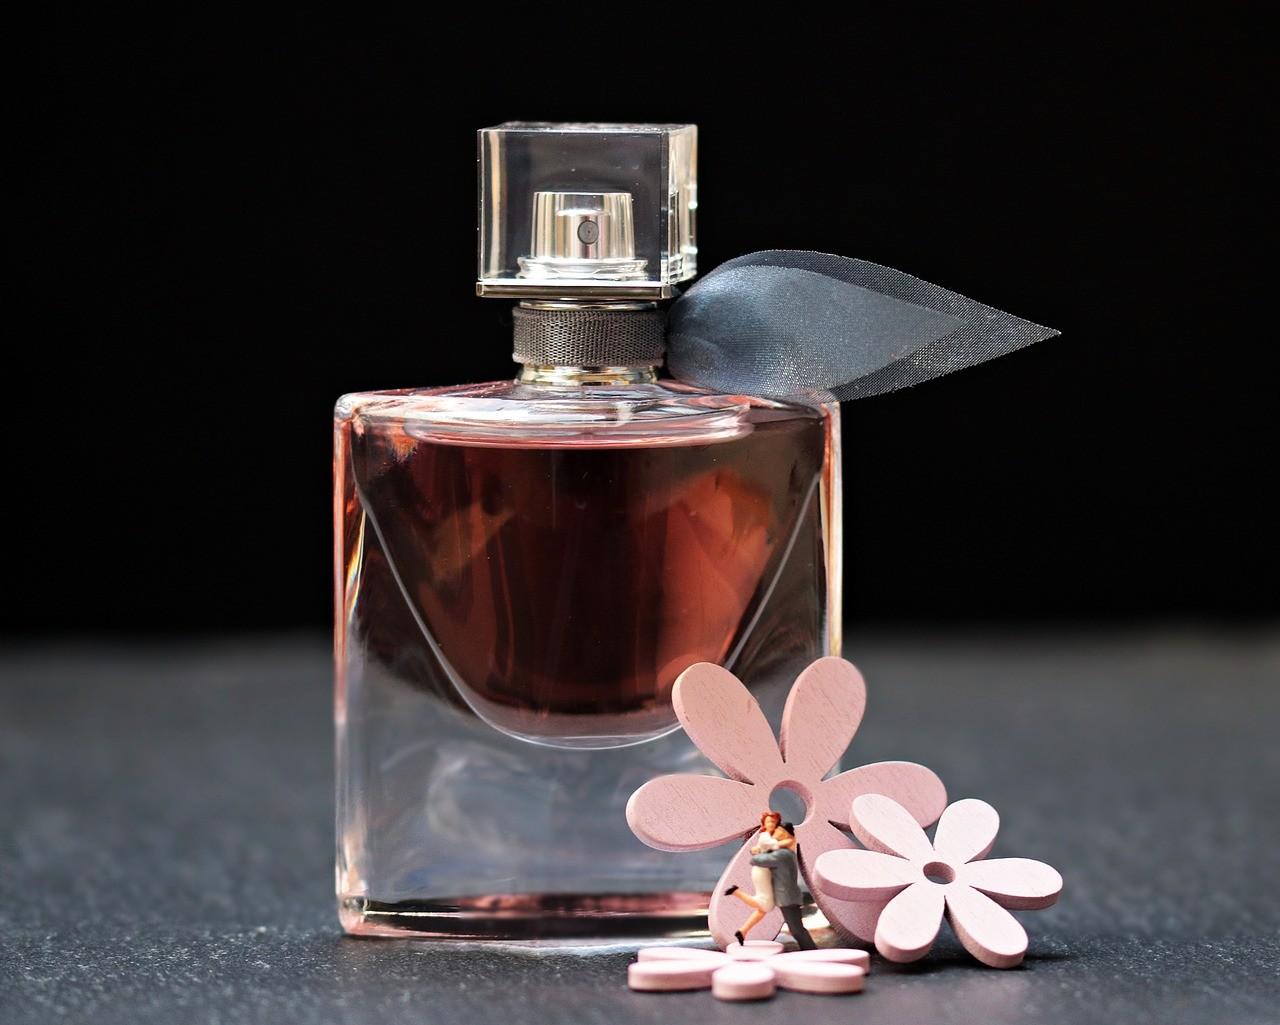 香水の匂いが強すぎる男性